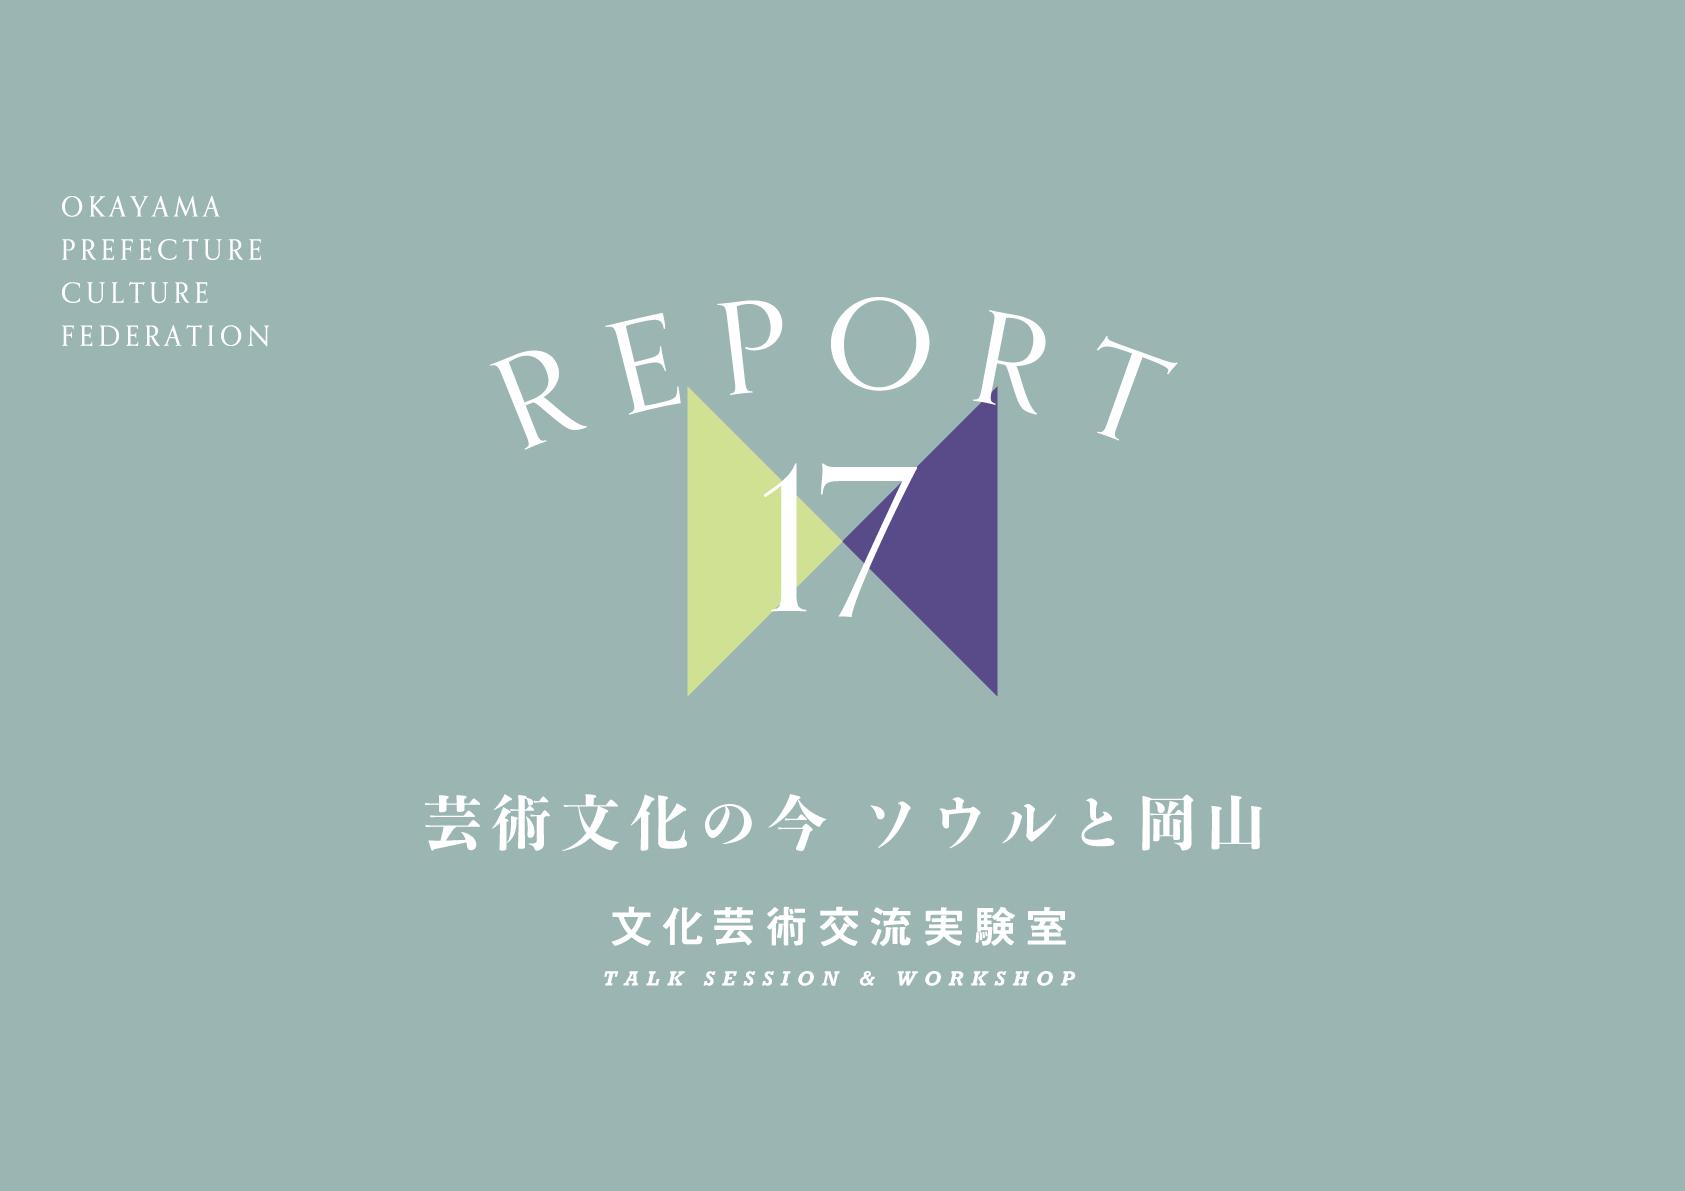 レポート「芸術文化の今 ソウルと岡山」